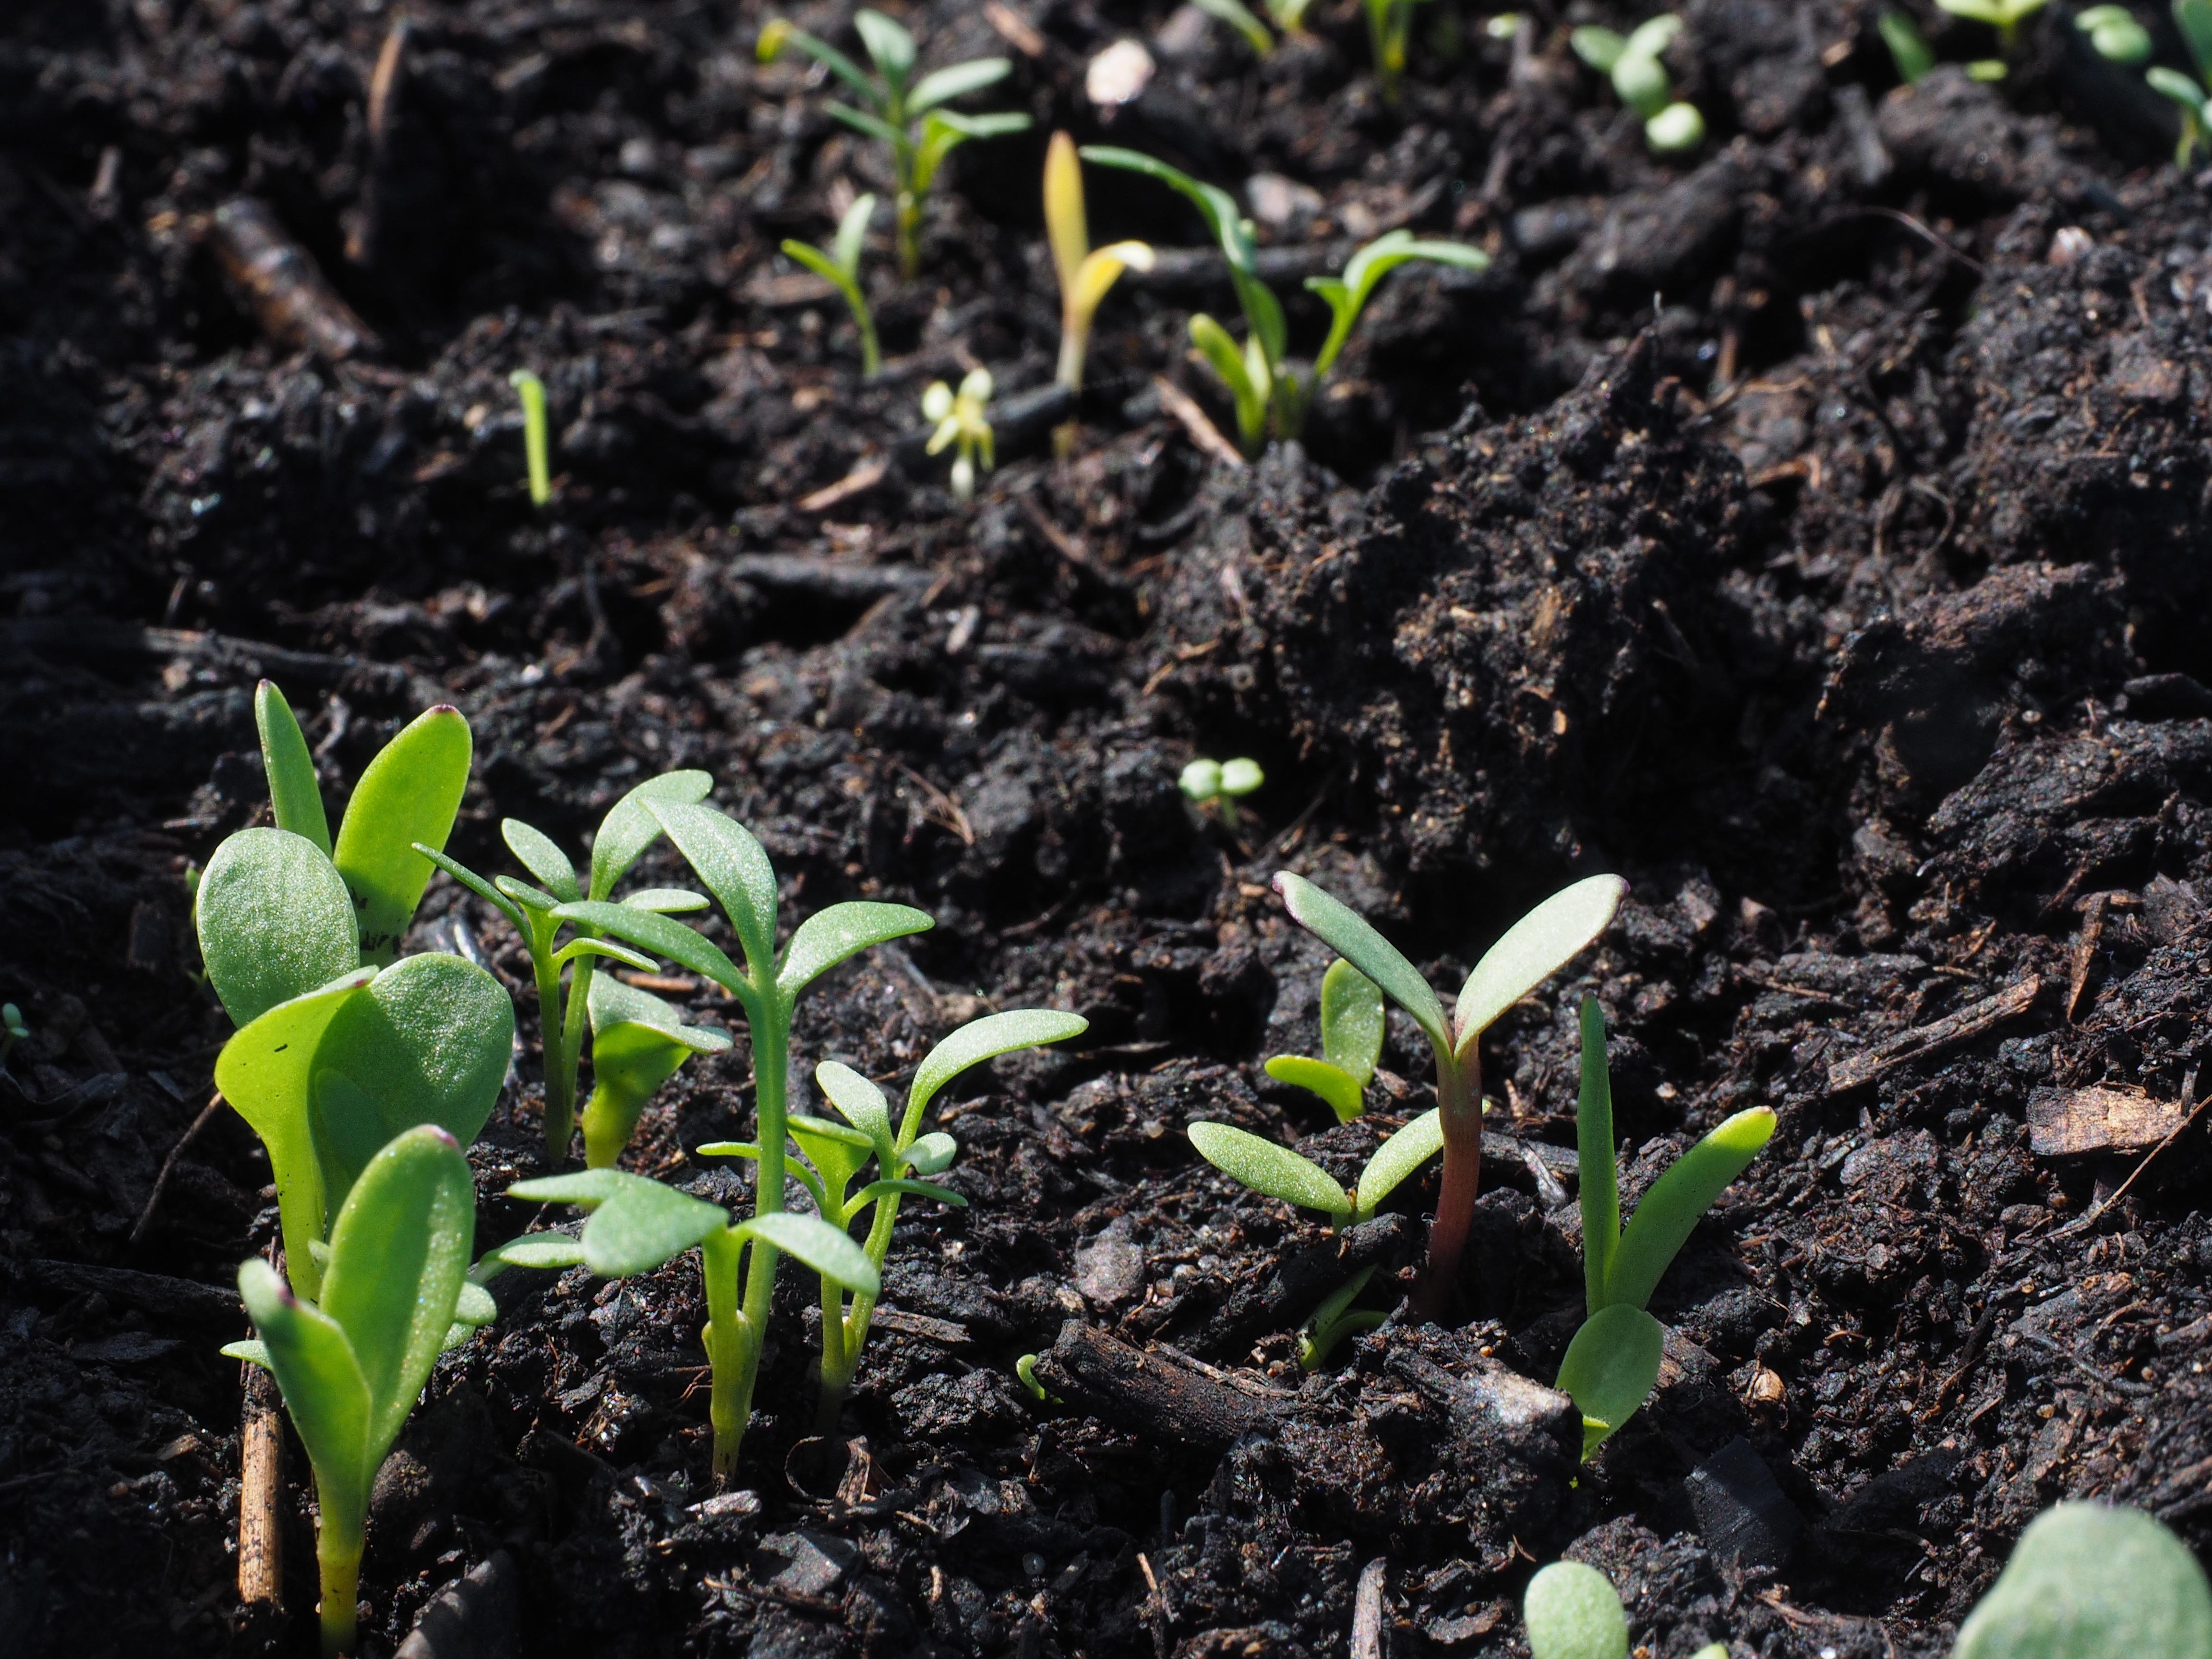 土壤污染不可忽視 監測儀器為環境健康把脈